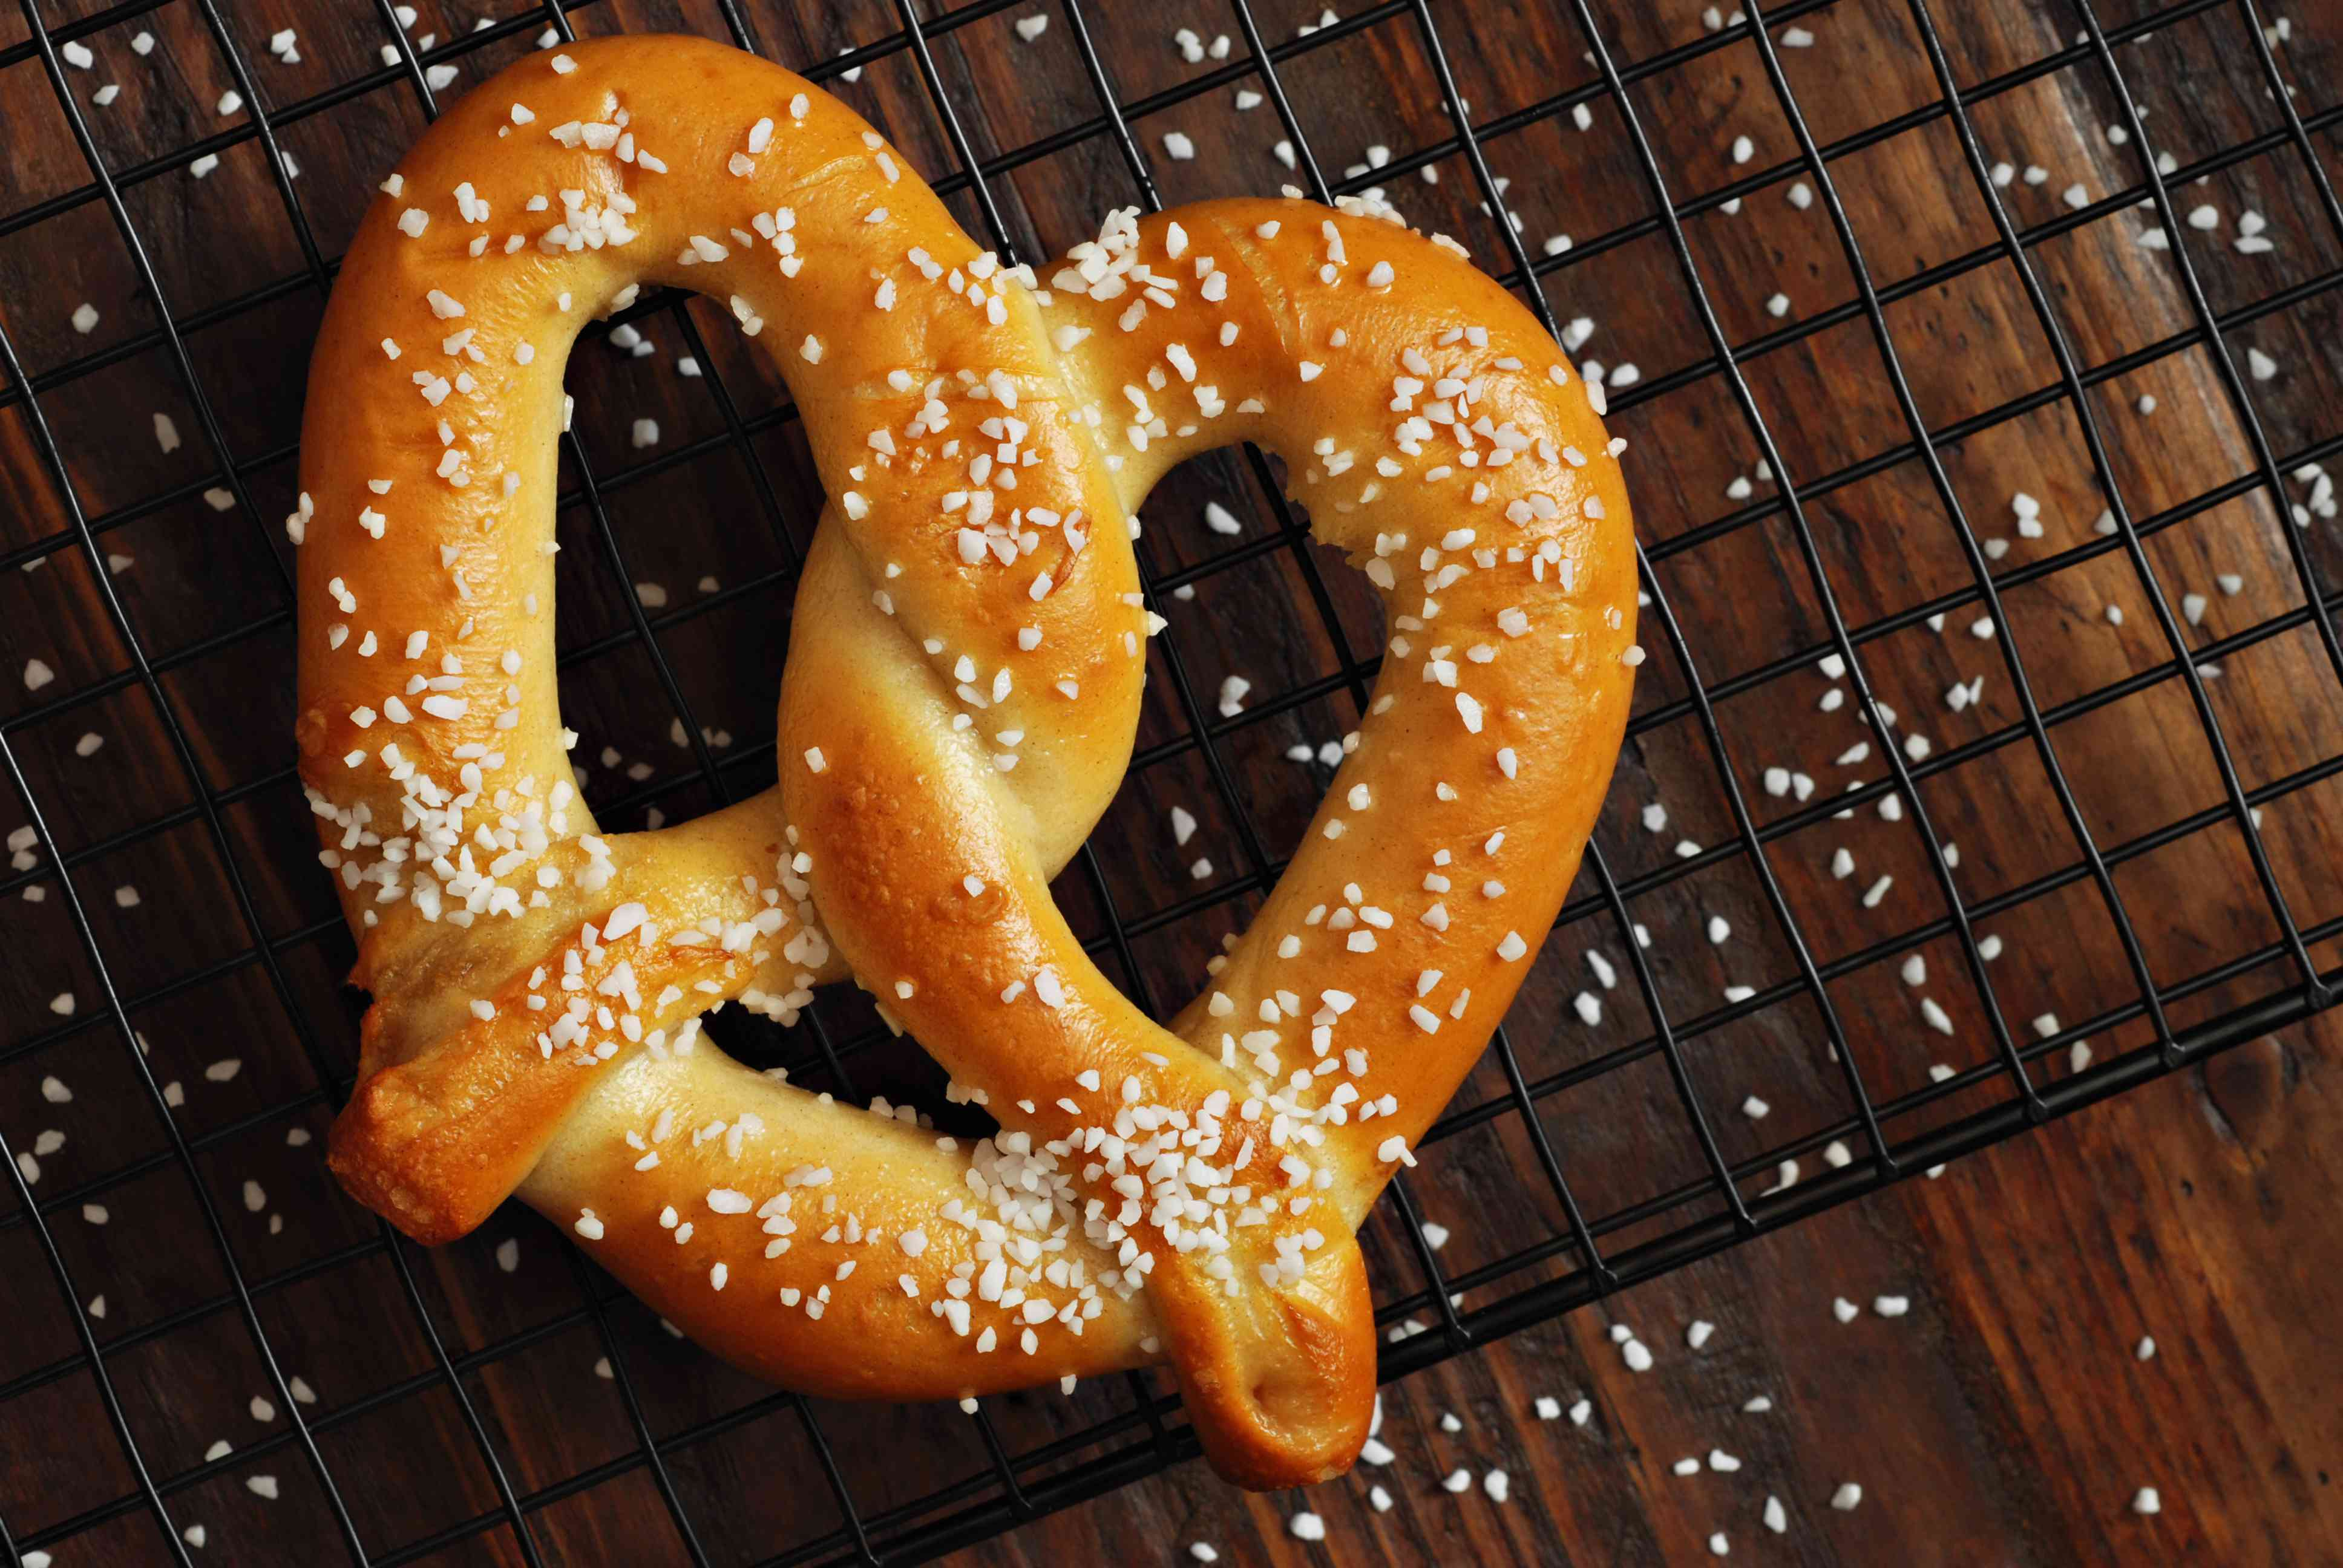 Baked soft pretzel on a cooling rack